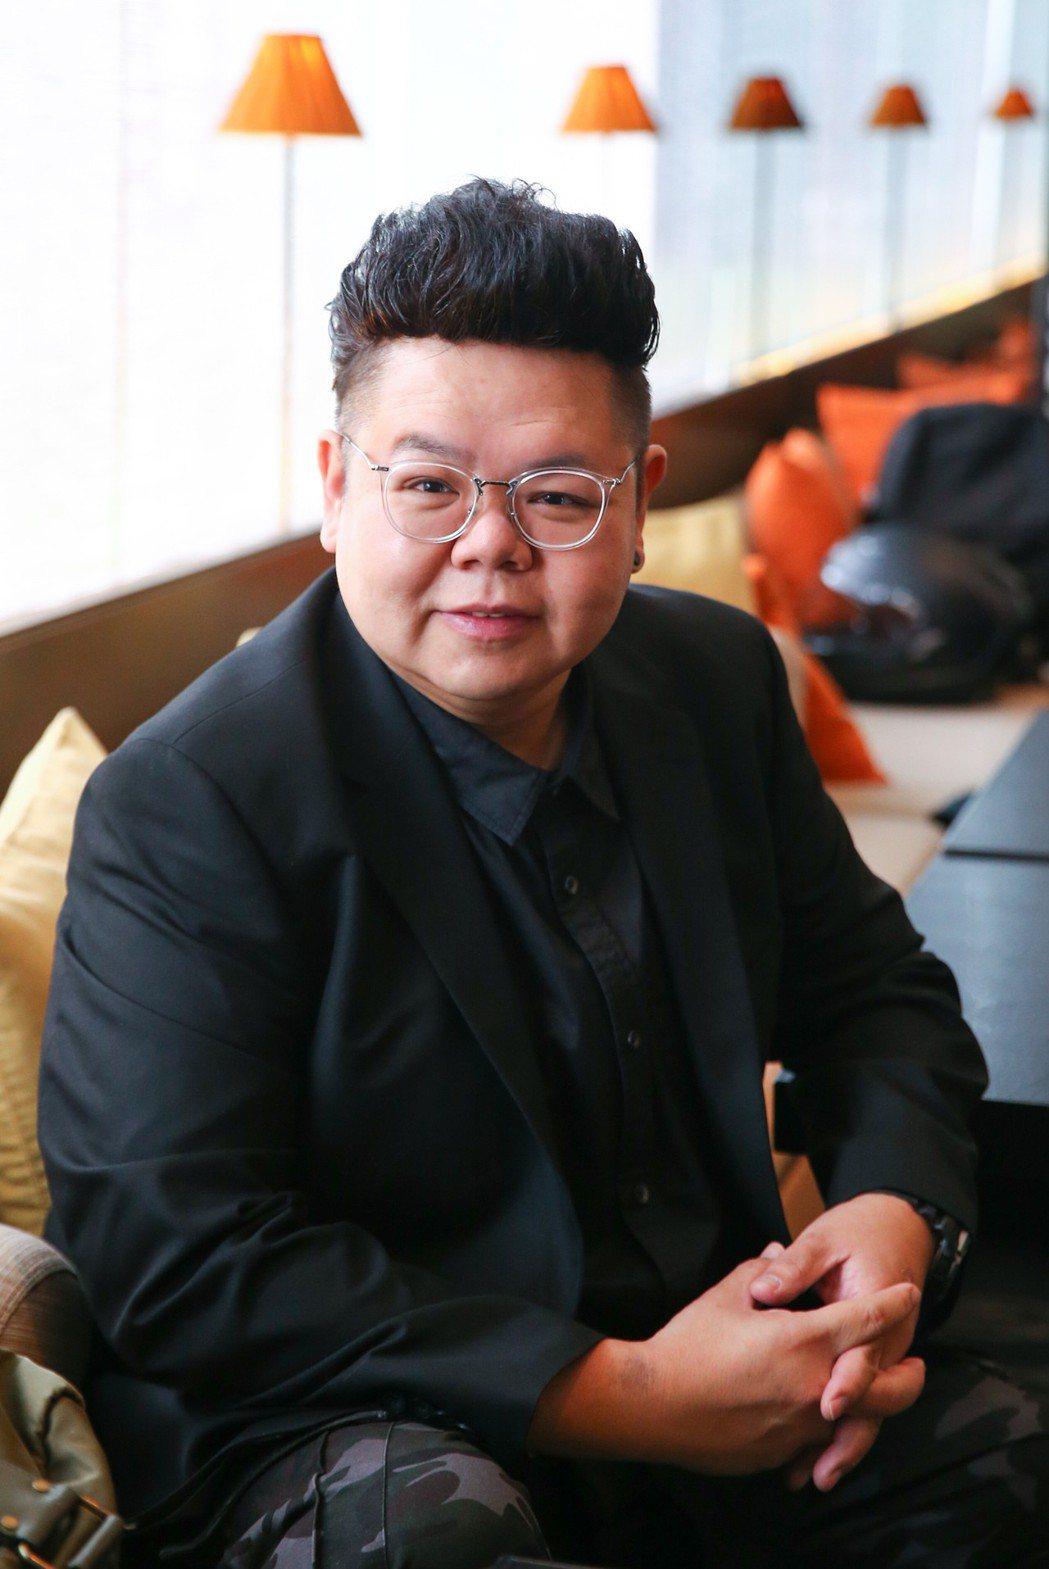 香港「御用肥仔」演員易智遠Tony Yee來台宣傳單曲。記者王騰毅/攝影